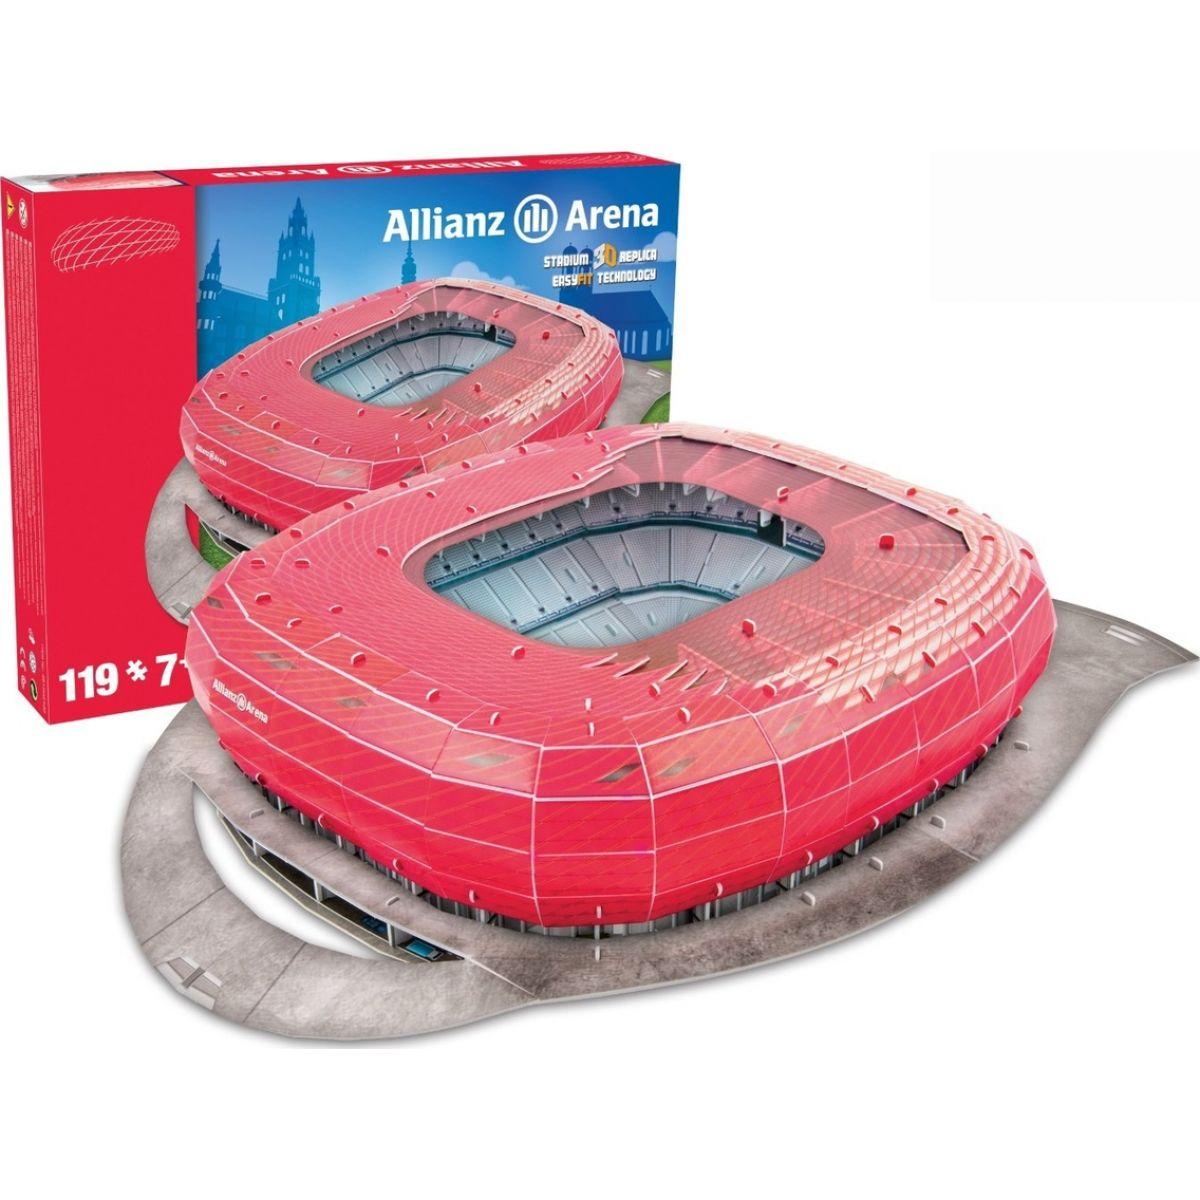 Nanostad 3D Puzzle Allianz Arena - Bayern Munchen